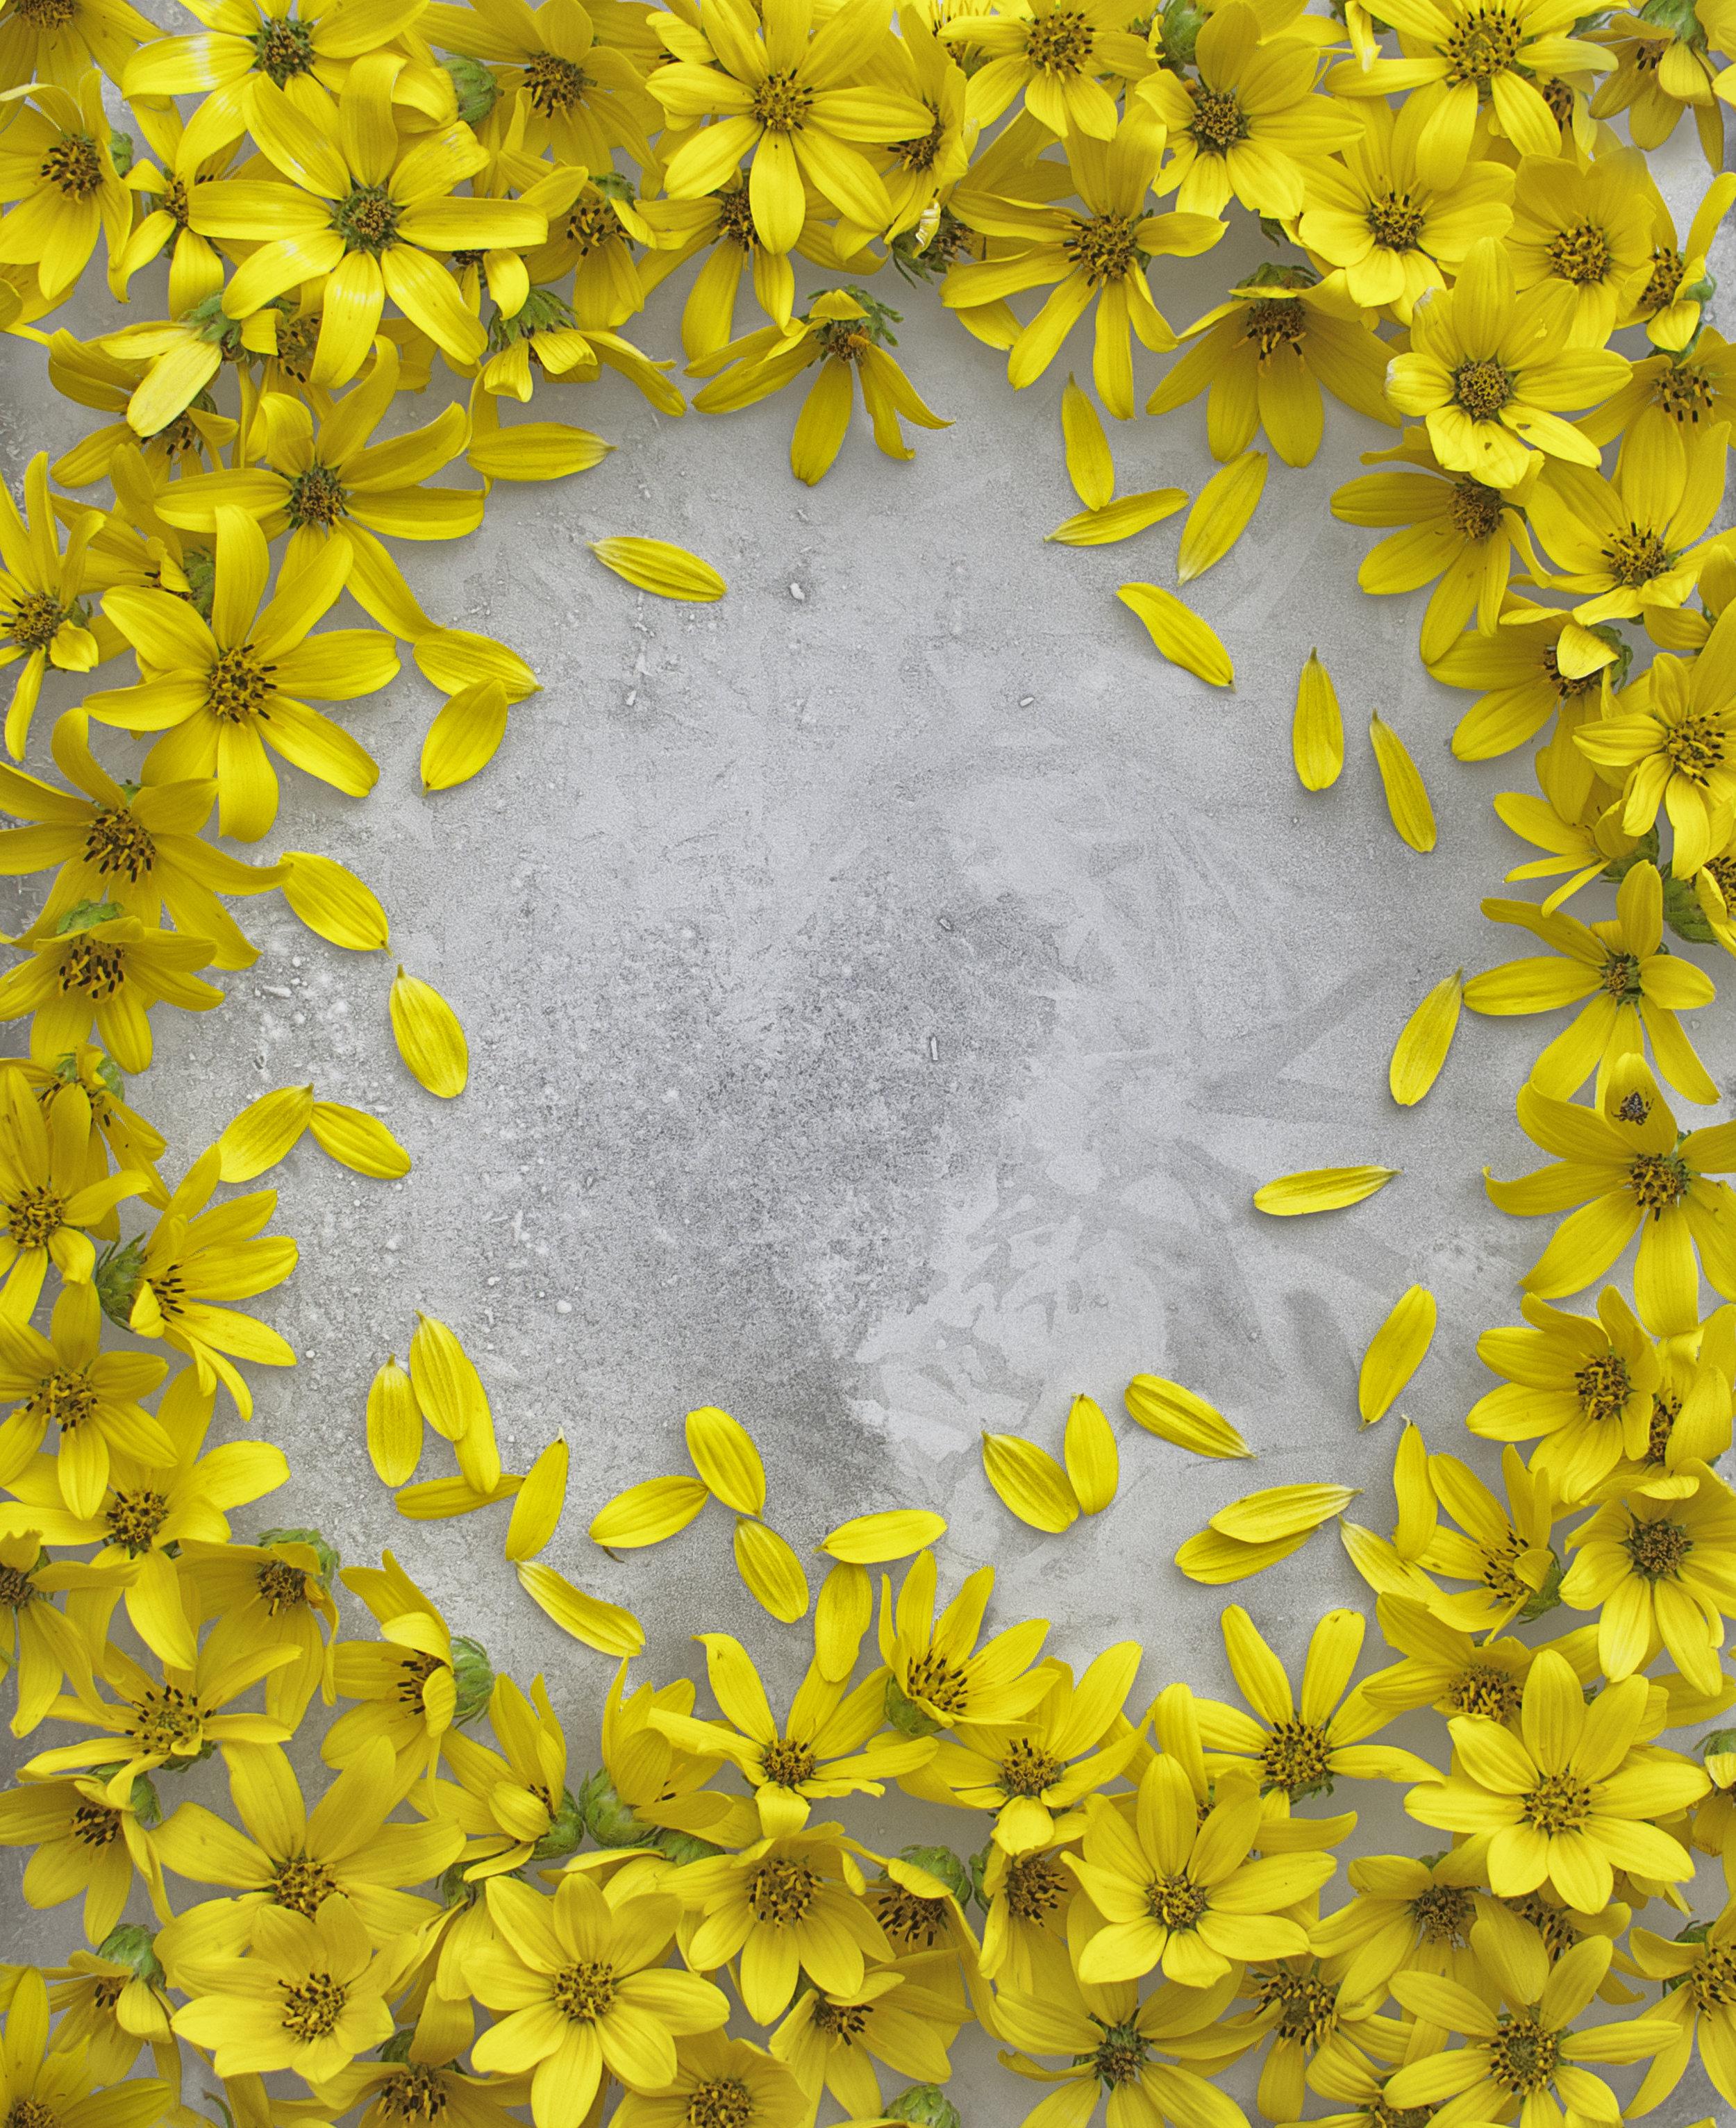 Nature_Center_Flower003.jpg